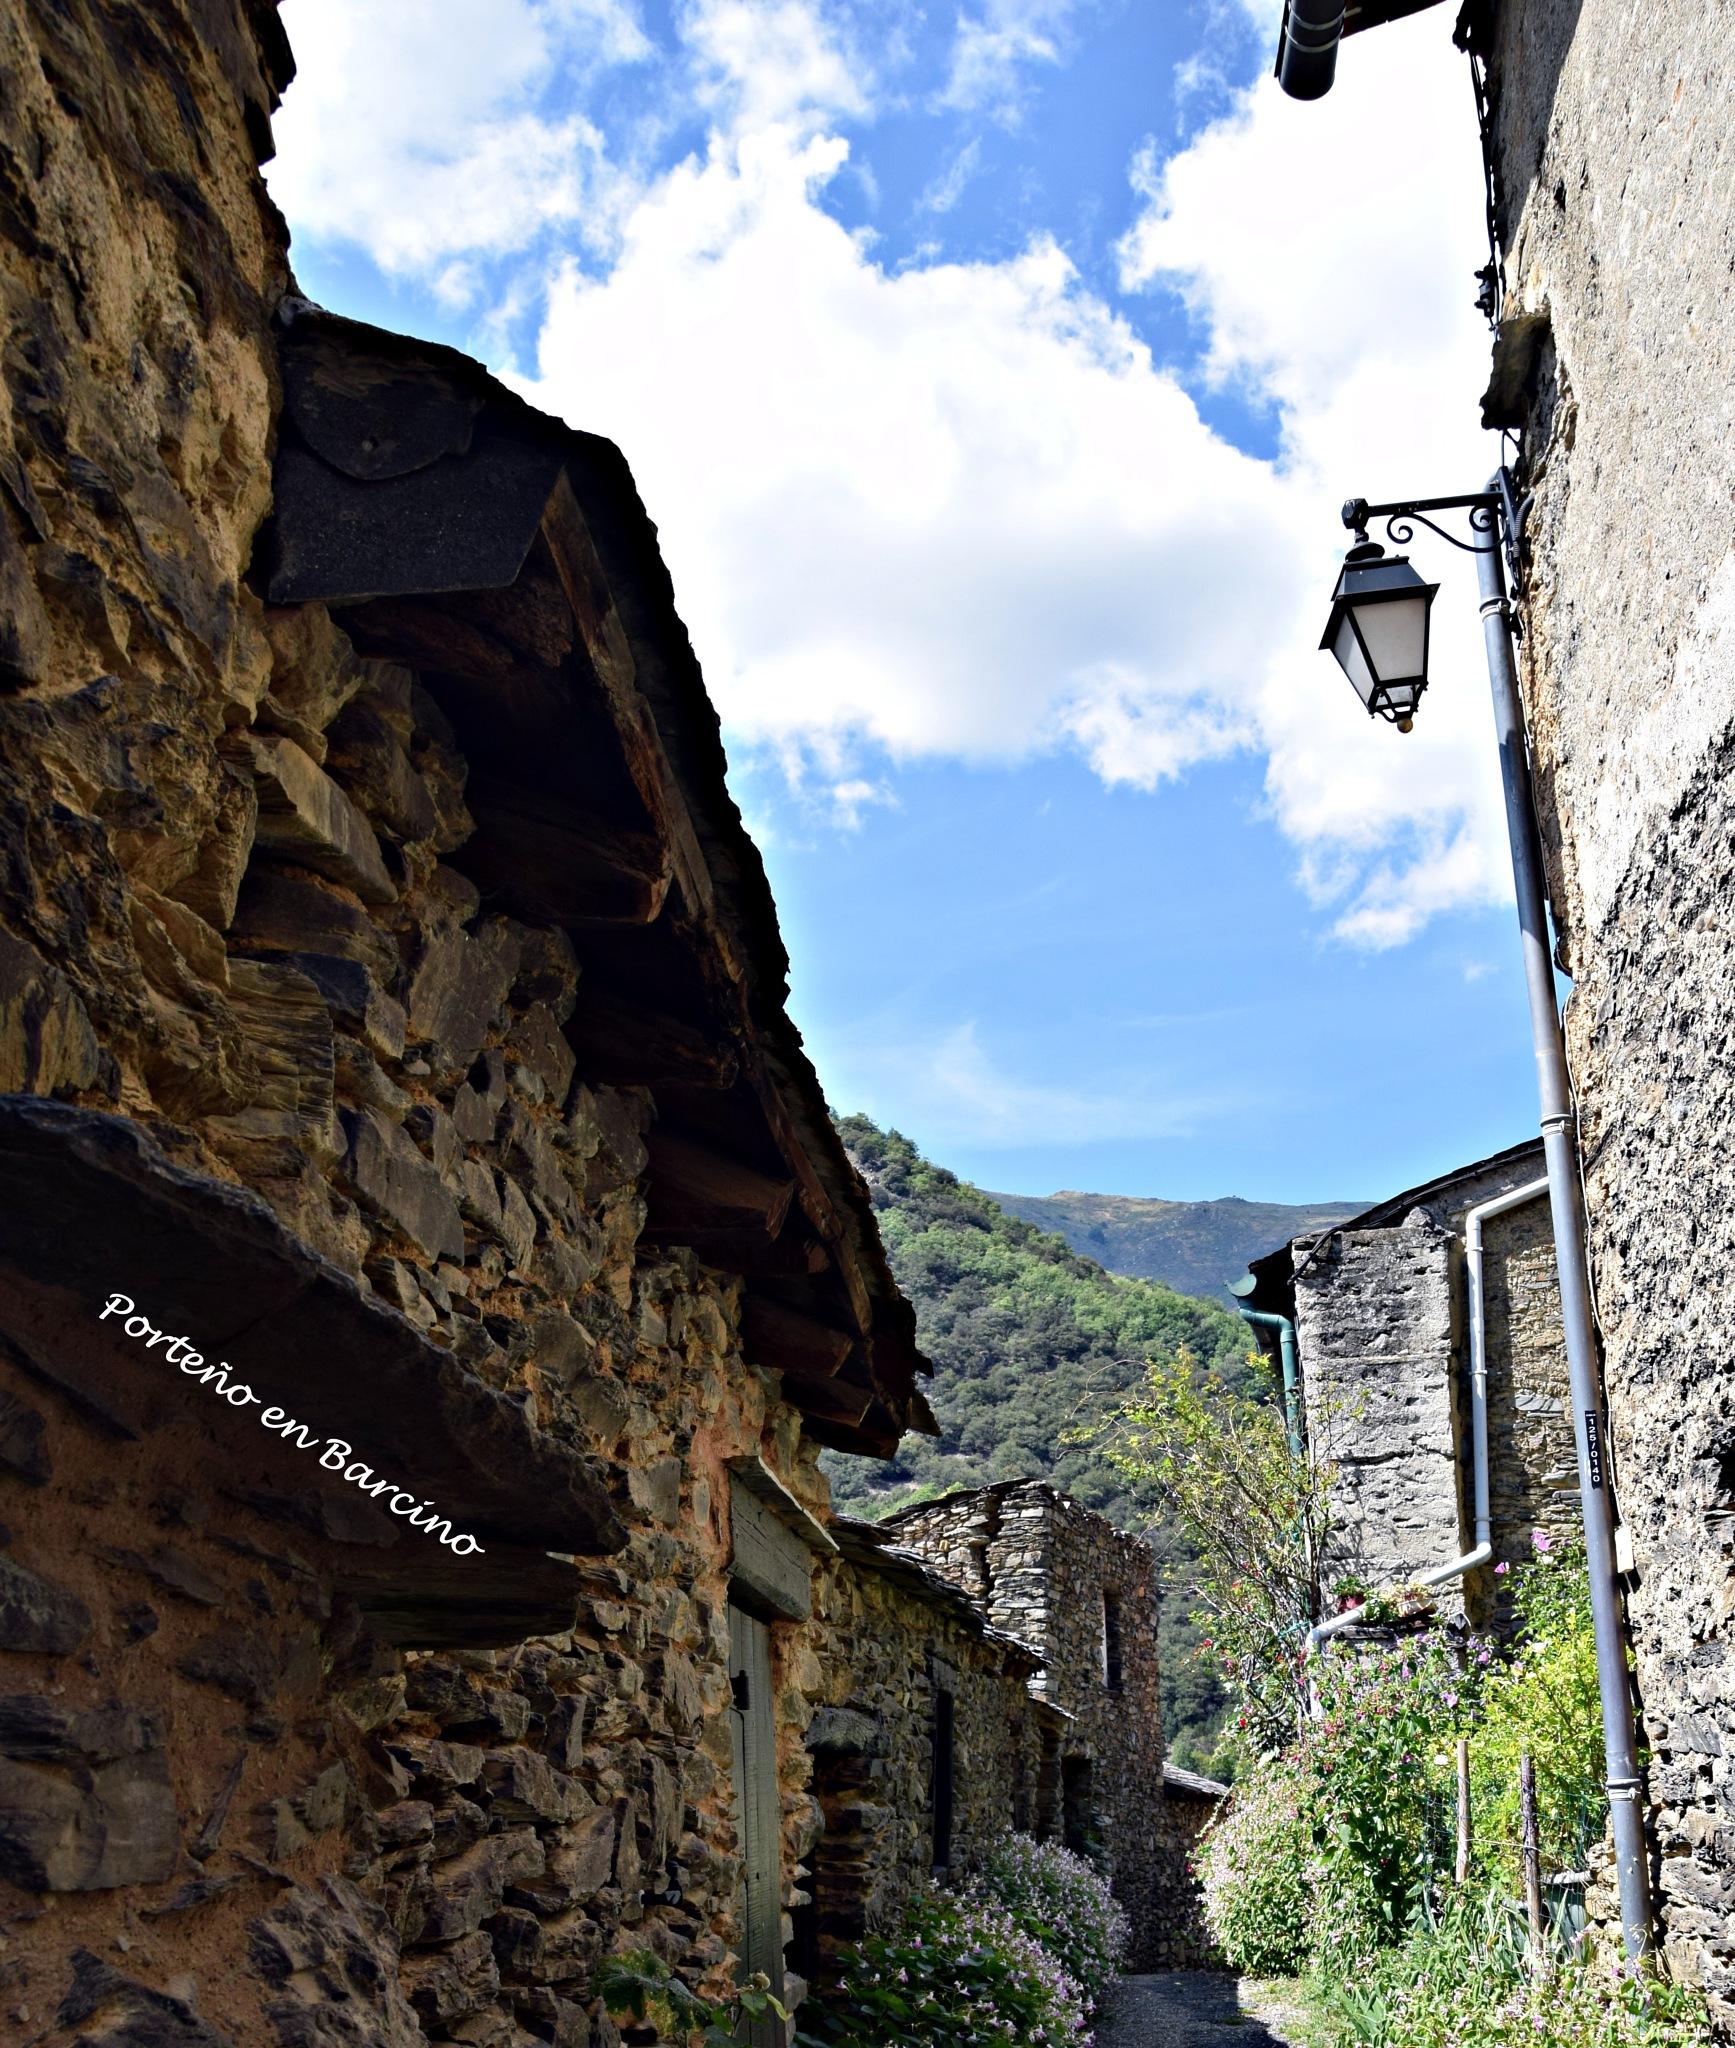 Medieval village by PortenyoBarcino